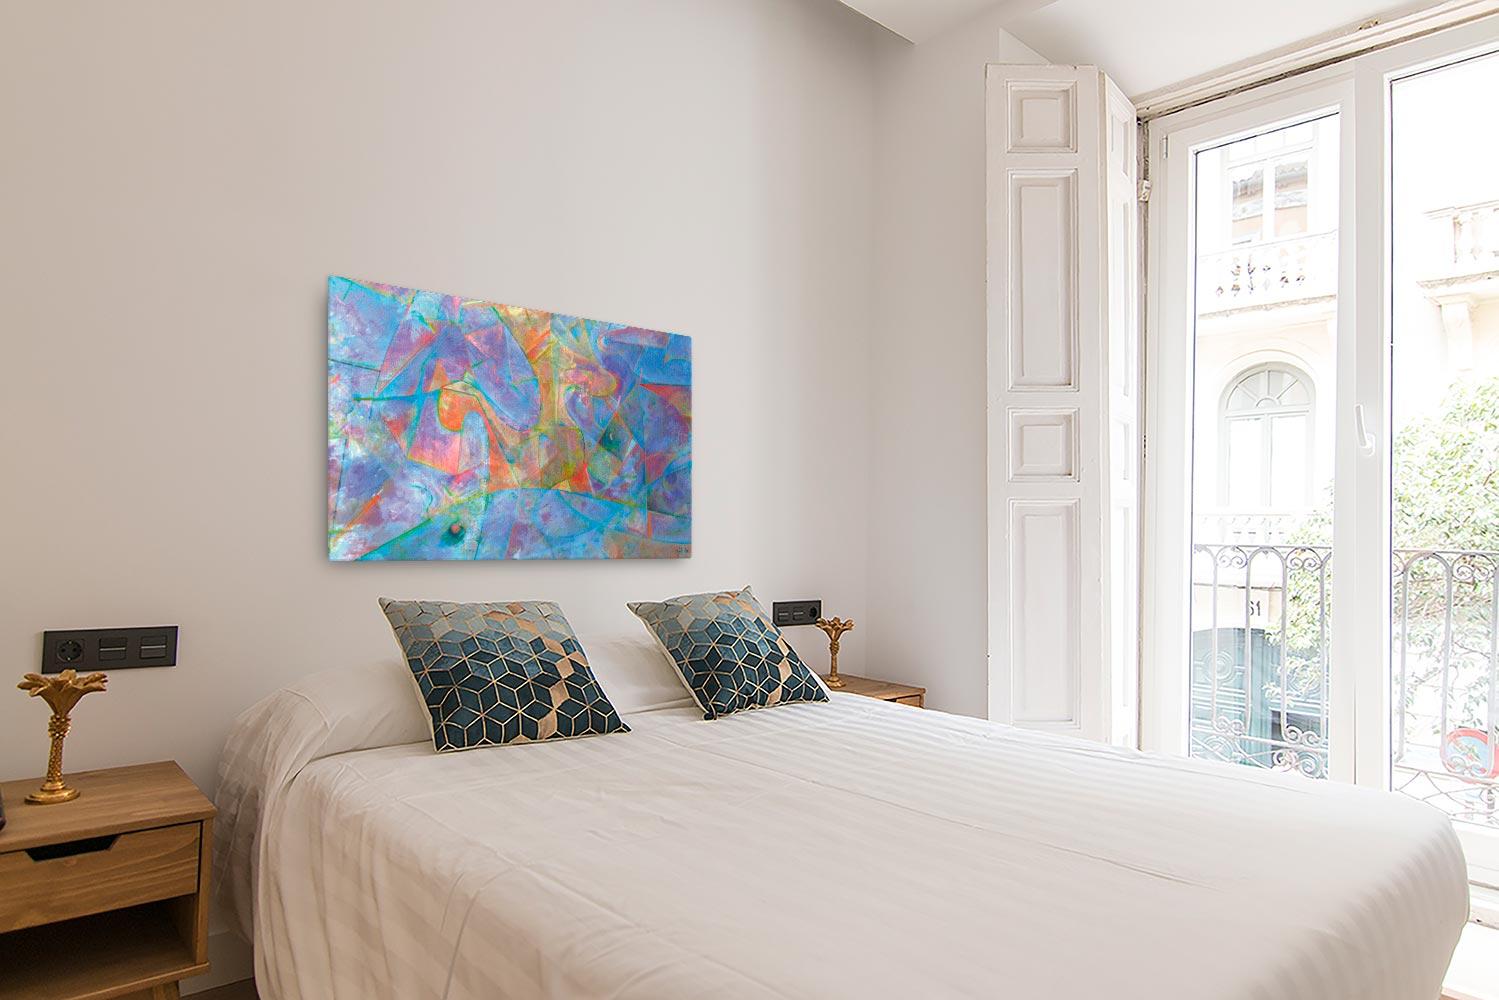 Reproducción de arte en lienzo- dormitorio con balcón - Espacio de Comunicación - Encáustico - Geometria y Abstracción - Matérica -pintado por Fernando Pagador